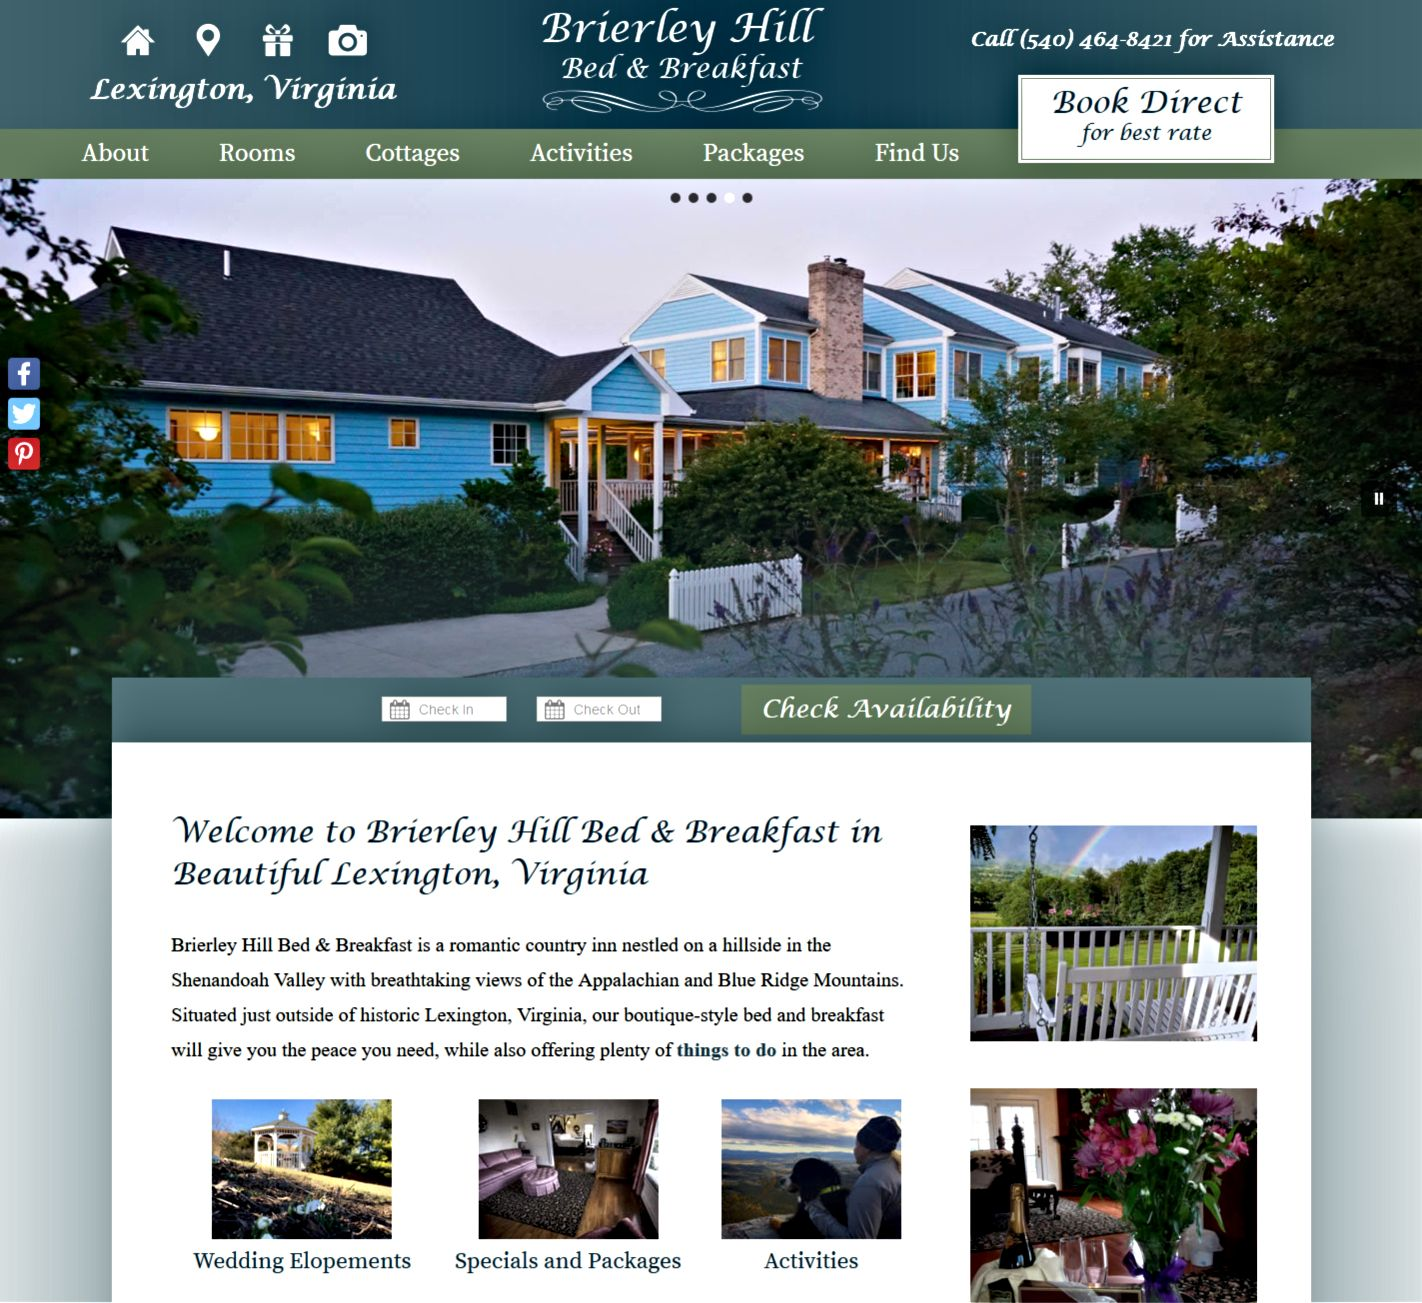 Brierly Hill Bed & Breakfast website screencap